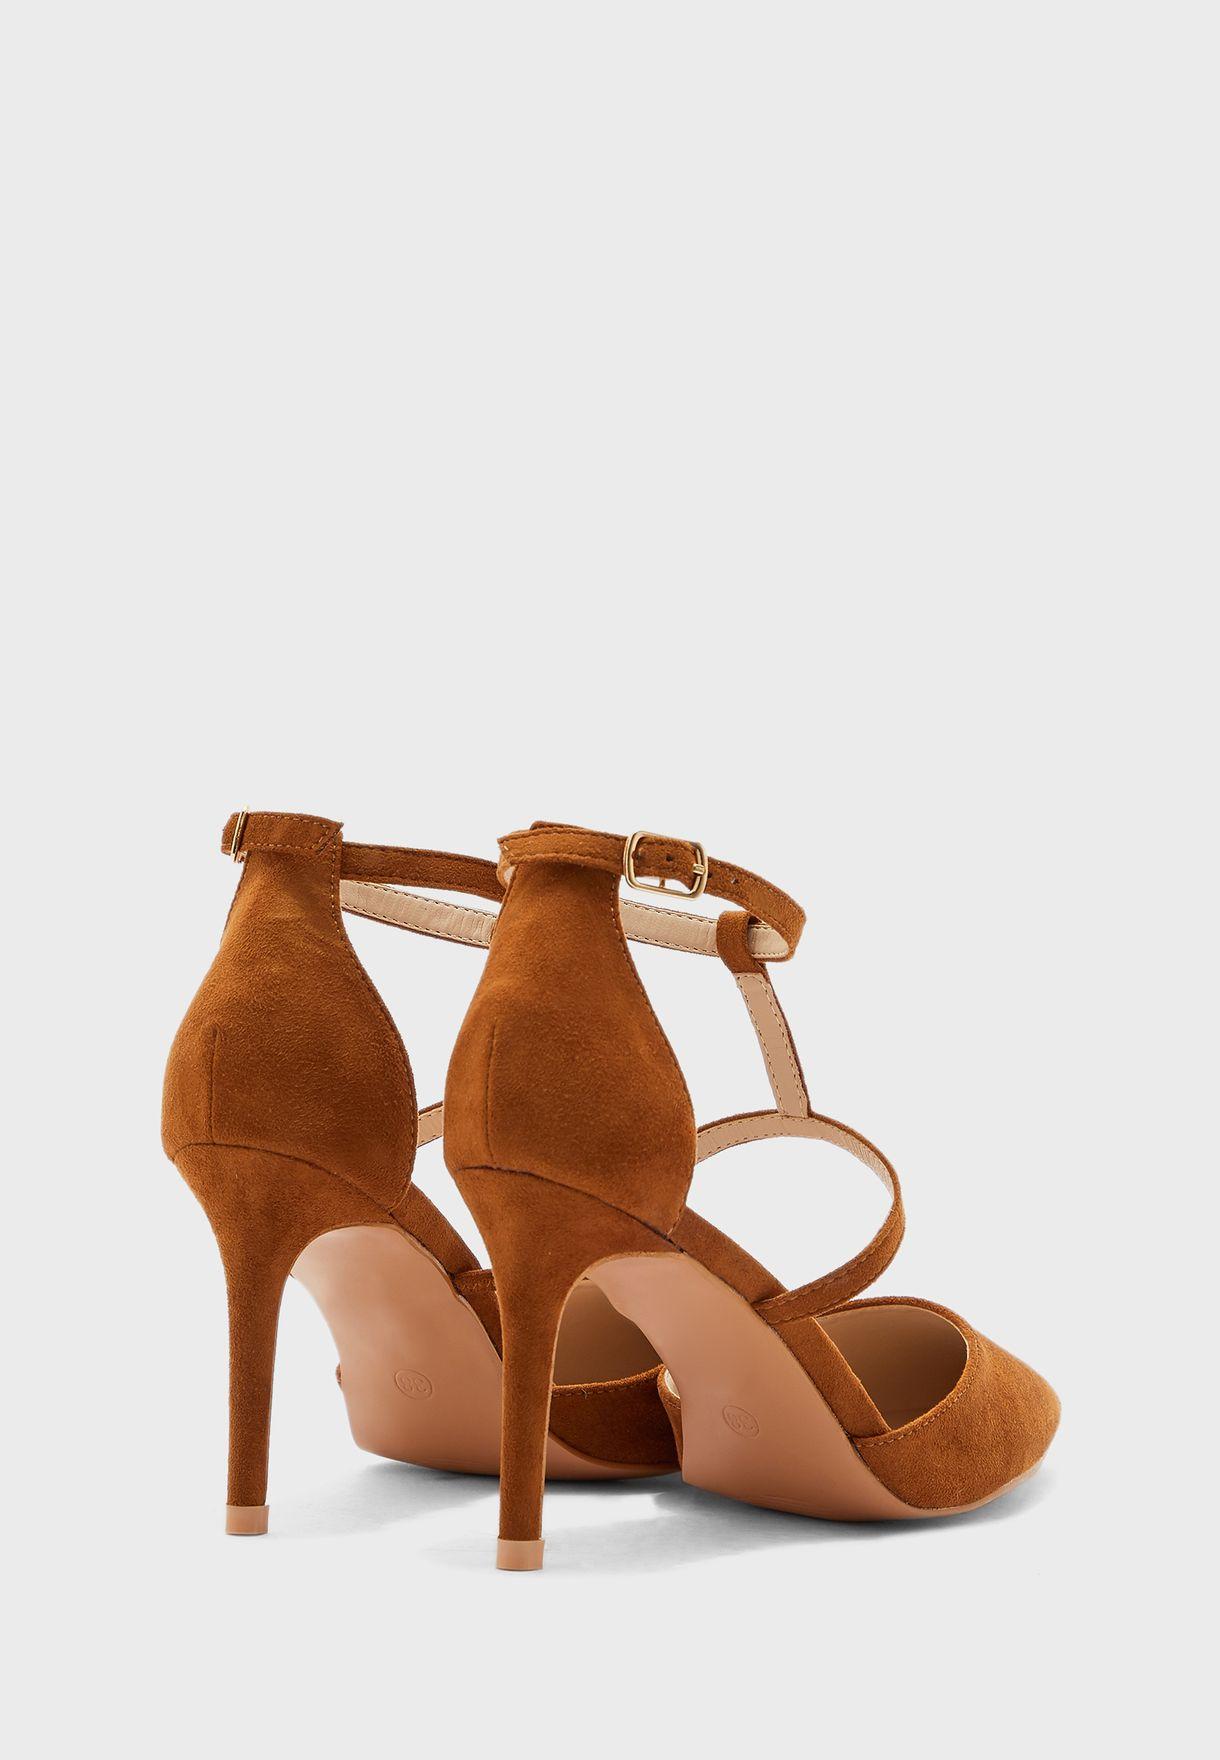 حذاء بنمط سيور ذو كعب عالي